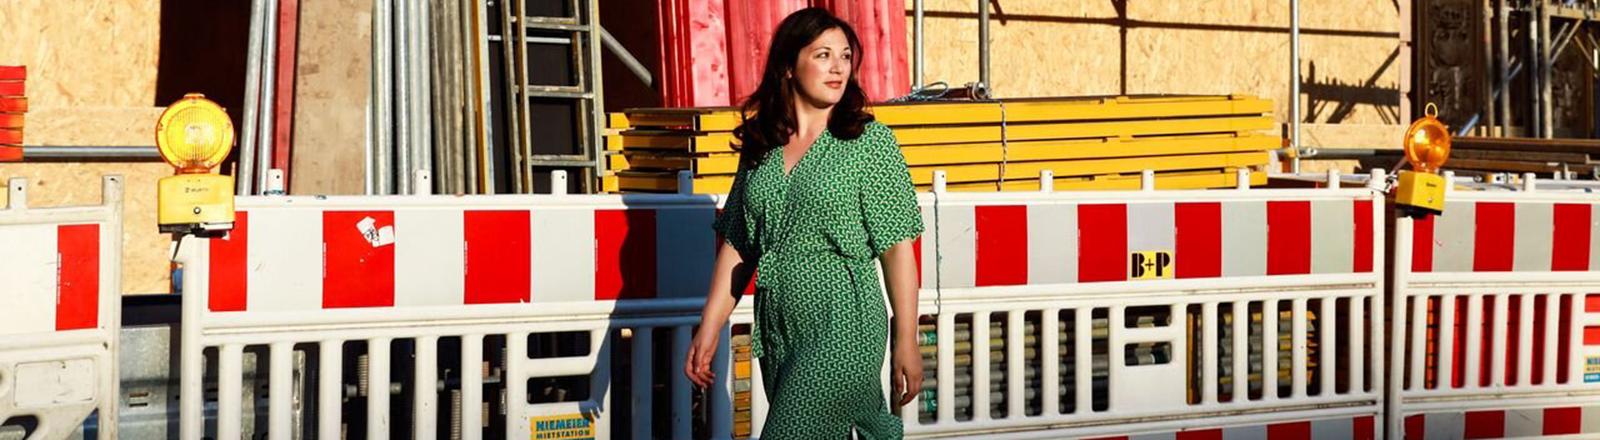 Eine Frau geht in einem grünen Kleid an einer Baustelle vorbei und schaut nach hinten.